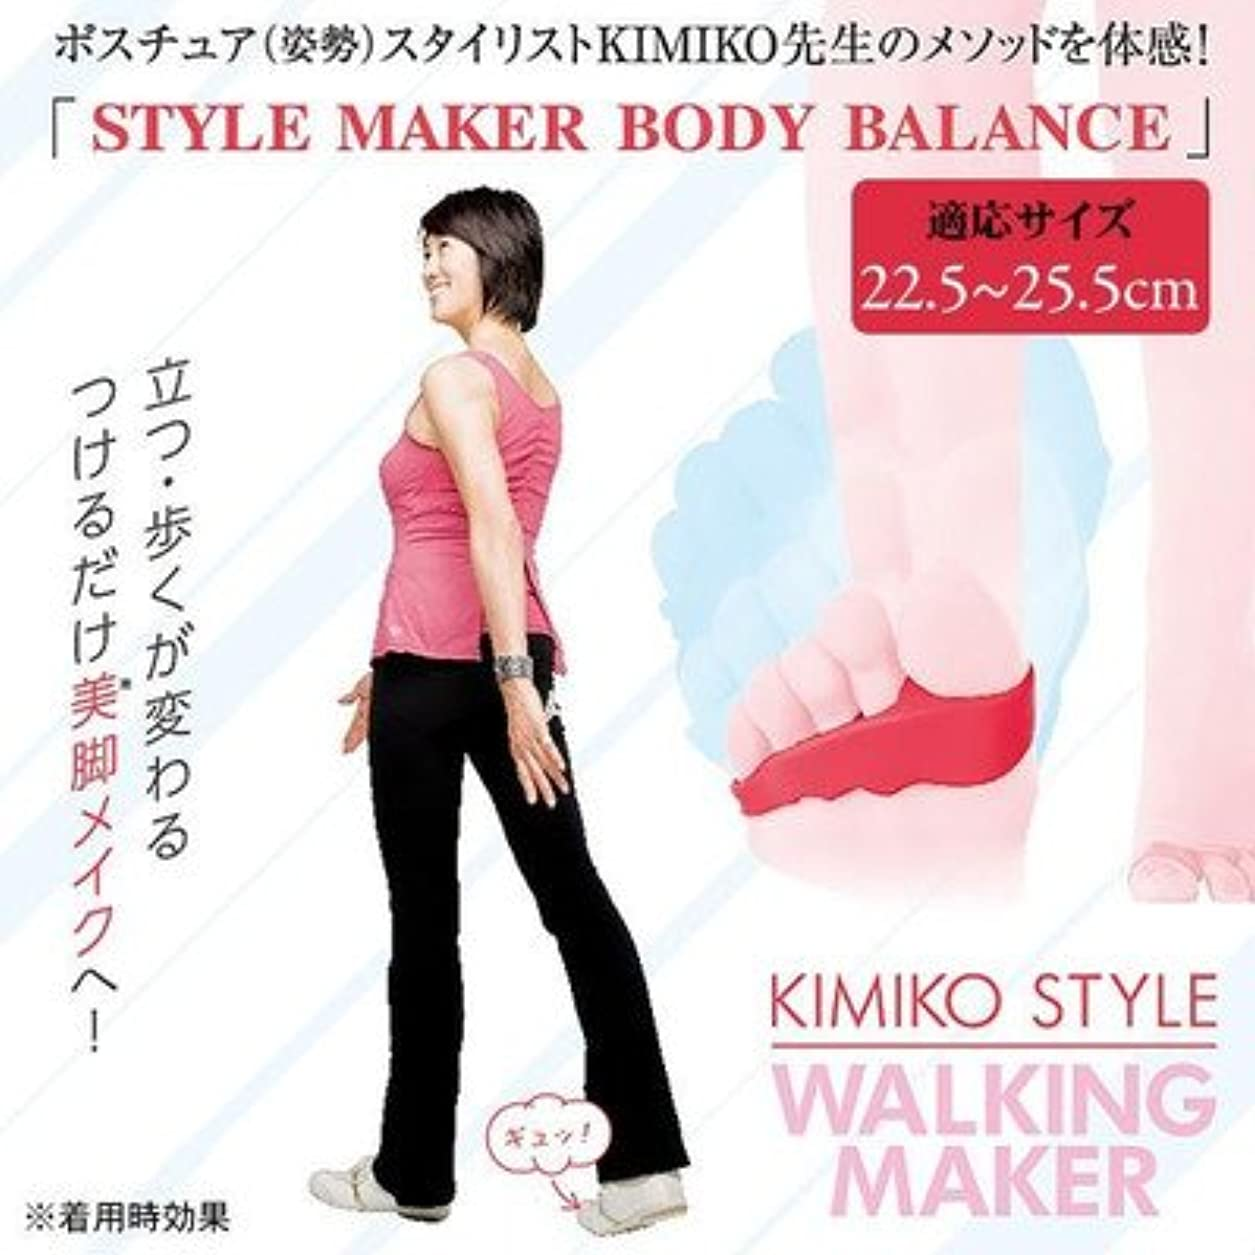 ハブブスリチンモイモルヒネ付けて歩いて 正しい歩行姿勢へナビゲート KIMIKO STYLE キミコスタイル WALKING MAKER ウォーキングメーカー 1足入